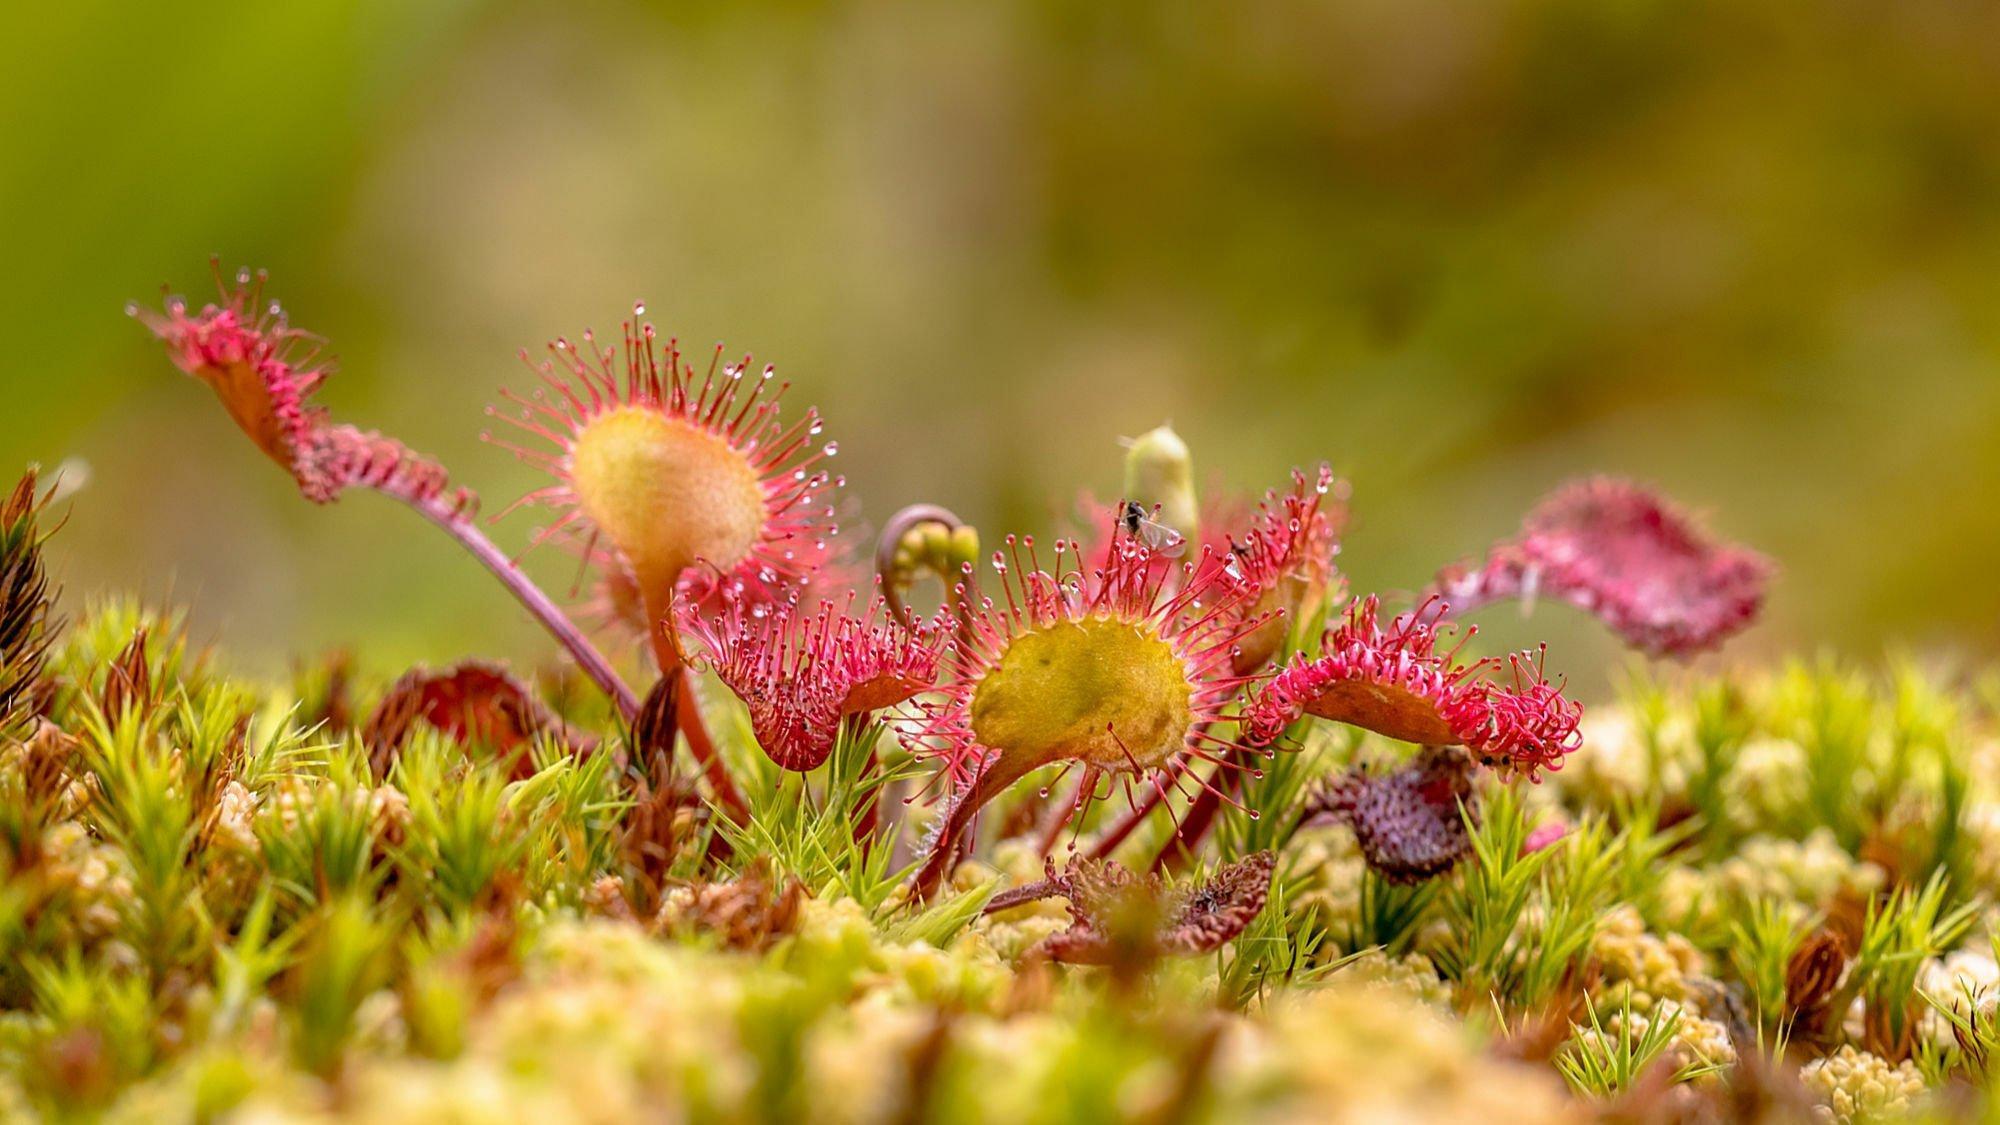 Ein rundblättriger Sonnentau mit roten Leimtentakeln wächst auf Moos  in einem Biotop in den Niederlanden.